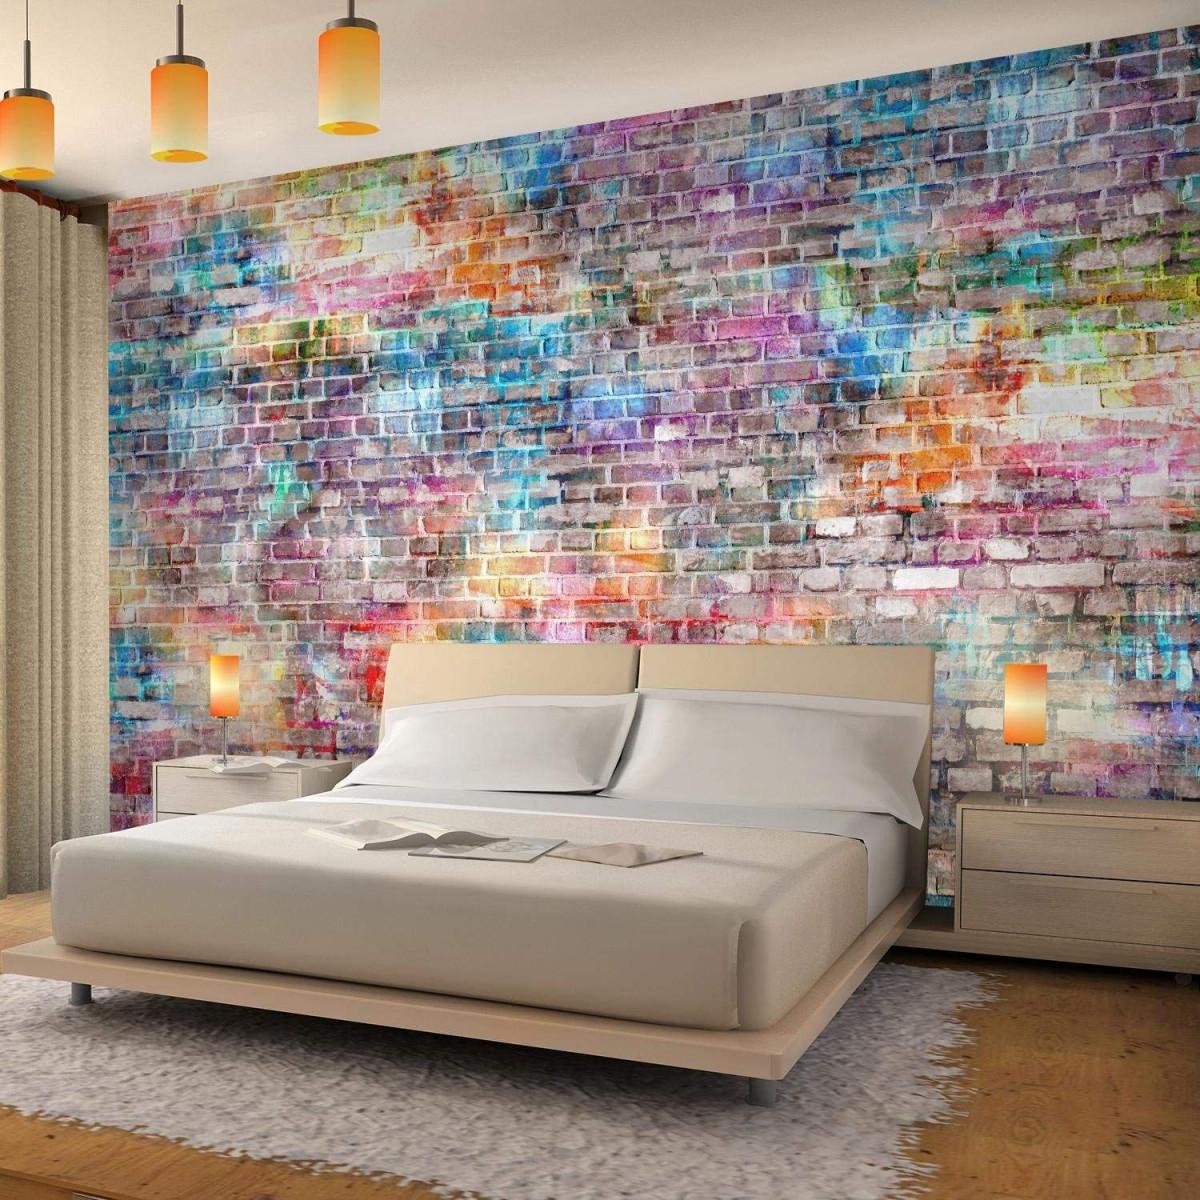 Fototapete Ziegelmauer 3D Bunt Vlies Wand Tapete Wohnzimmer von Bunte Tapeten Wohnzimmer Bild